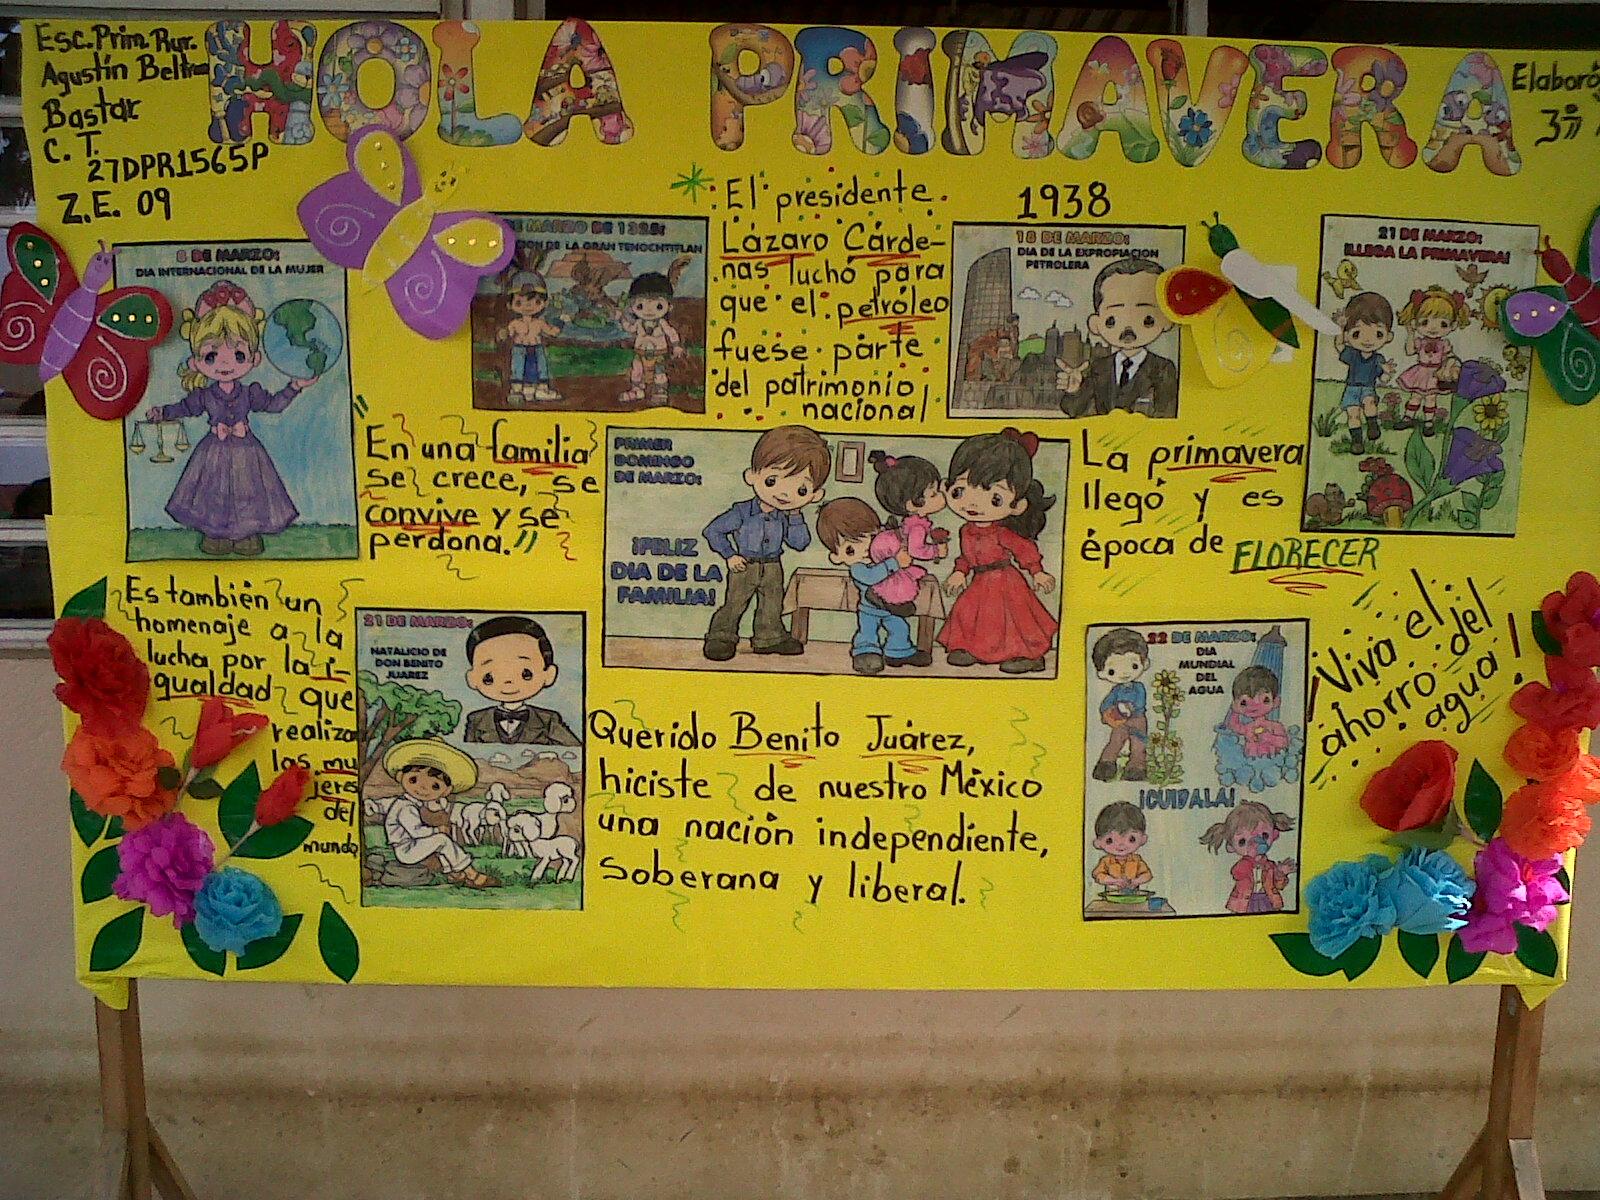 Periodico mural 6 imagenes educativas for Como elaborar un periodico mural